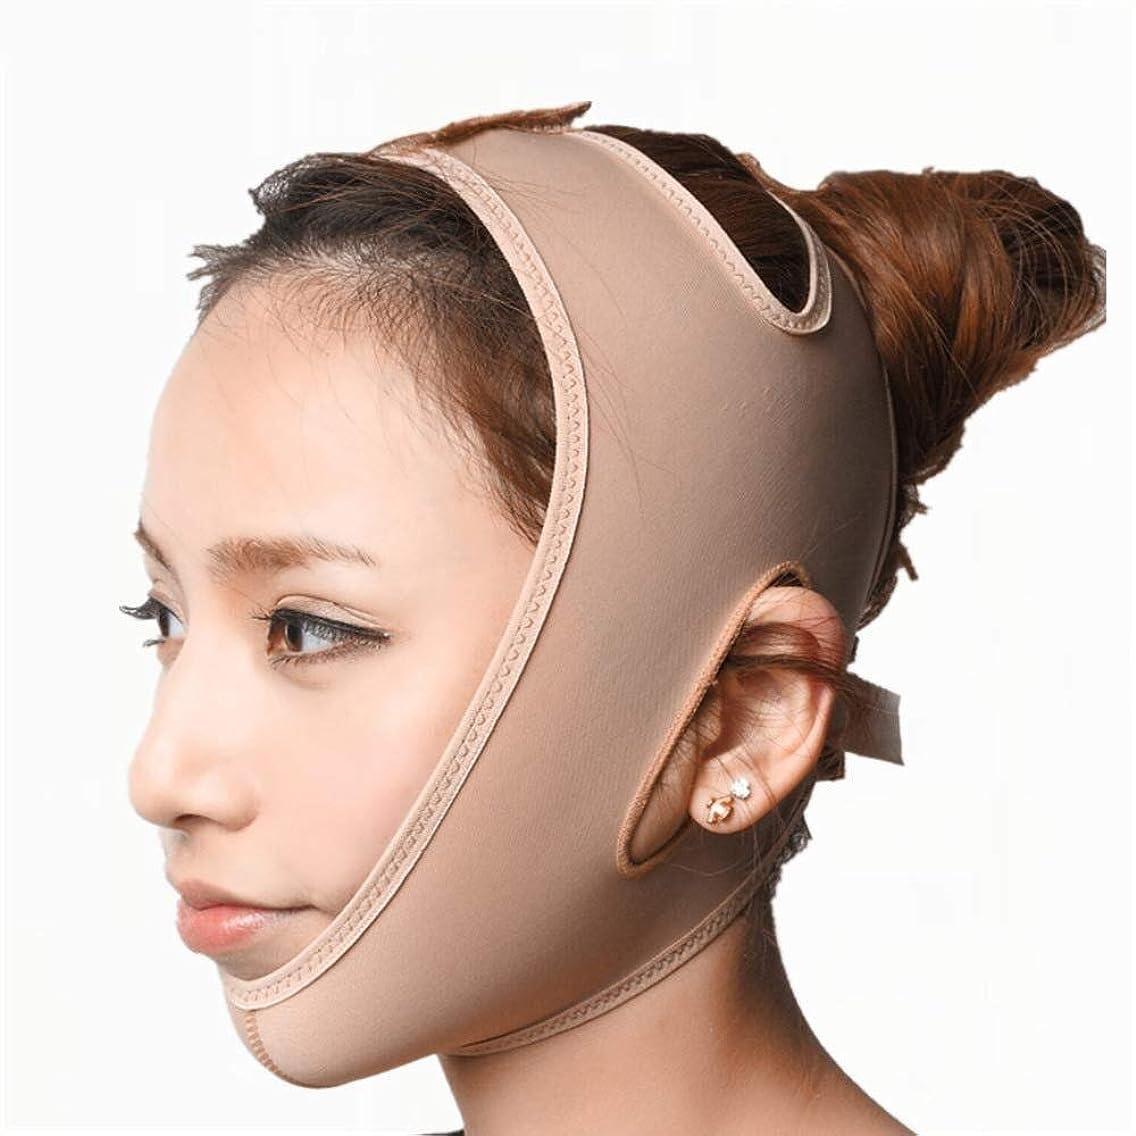 鳴らす懇願する遺体安置所顔の持ち上がる細くの伸縮性があるベルト、 フェイスリフティングベルトVフェイスフェイシャル引き締めマスク包帯